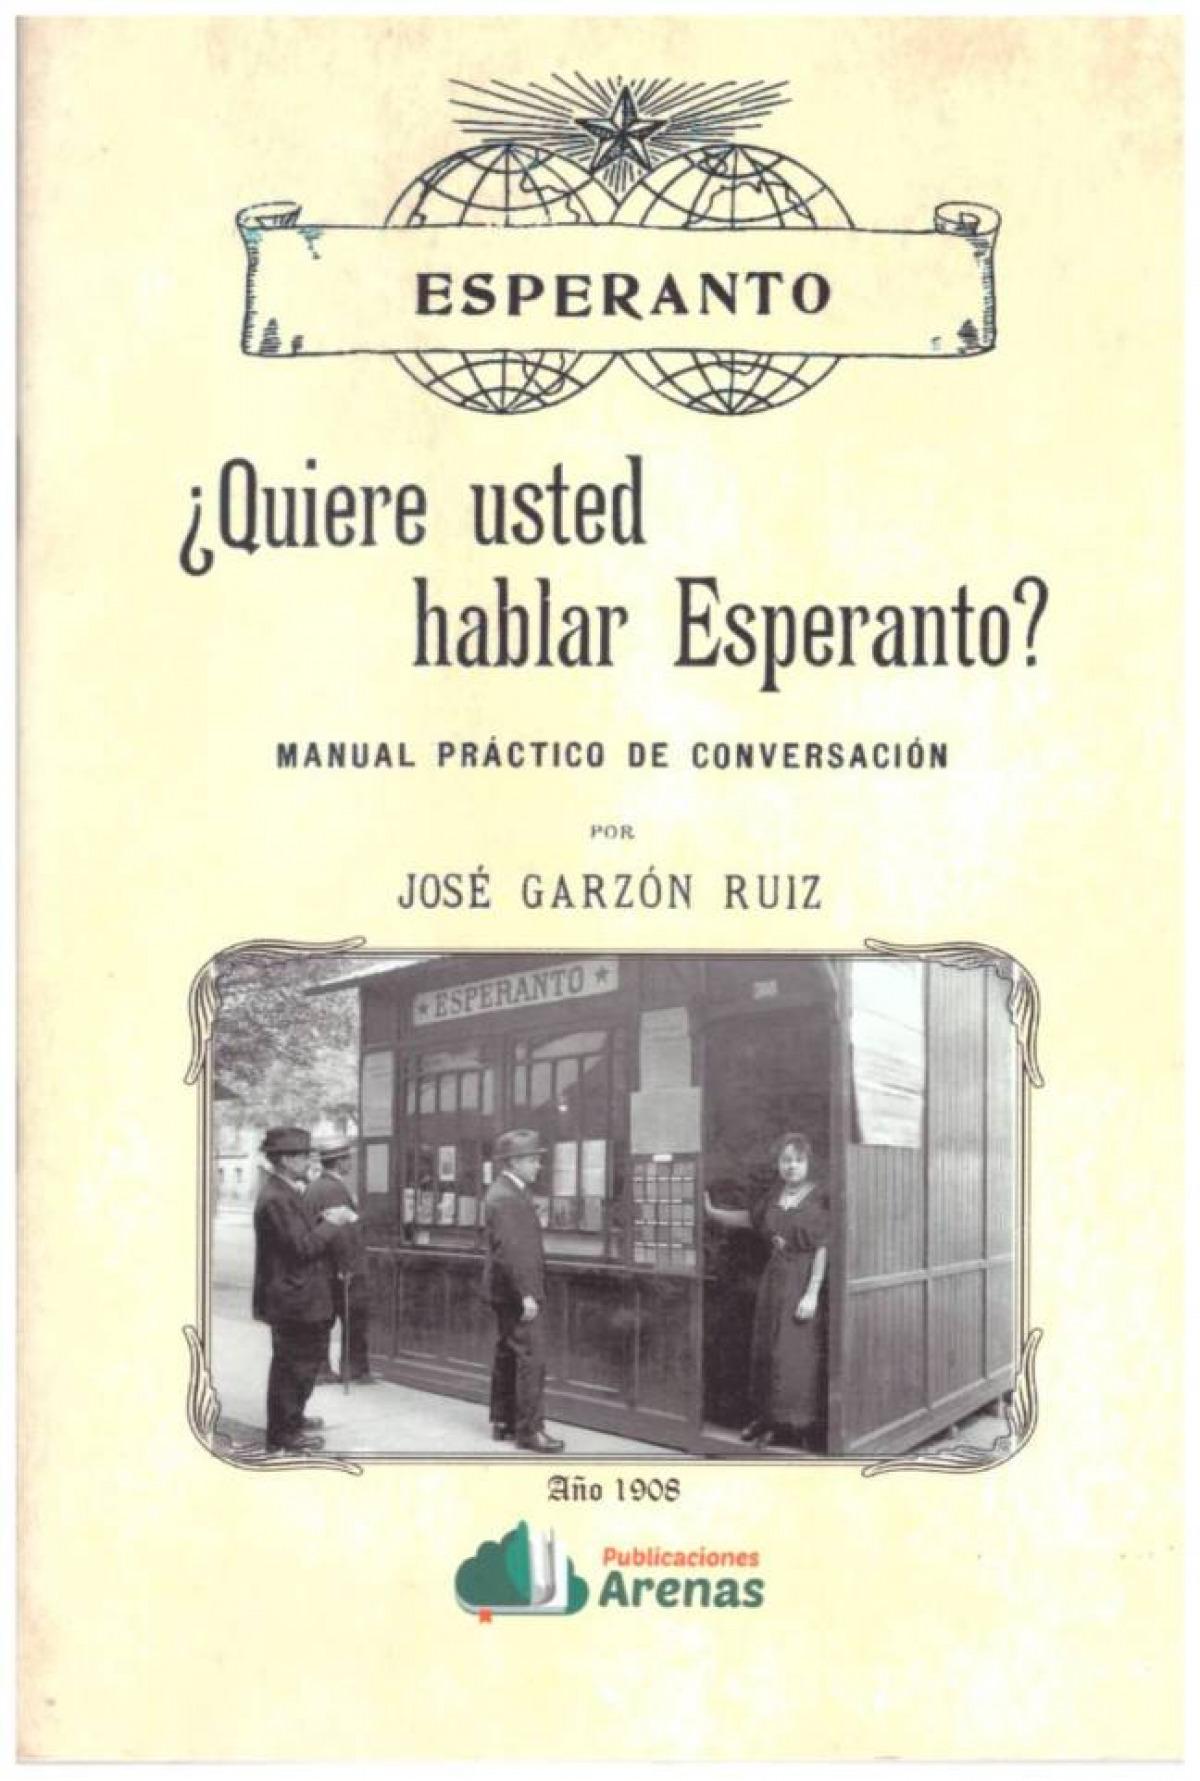 ¿QUIERE USTED HABLAR ESPERANTO?-MANUAL PRACTICO DE CONVERSACION